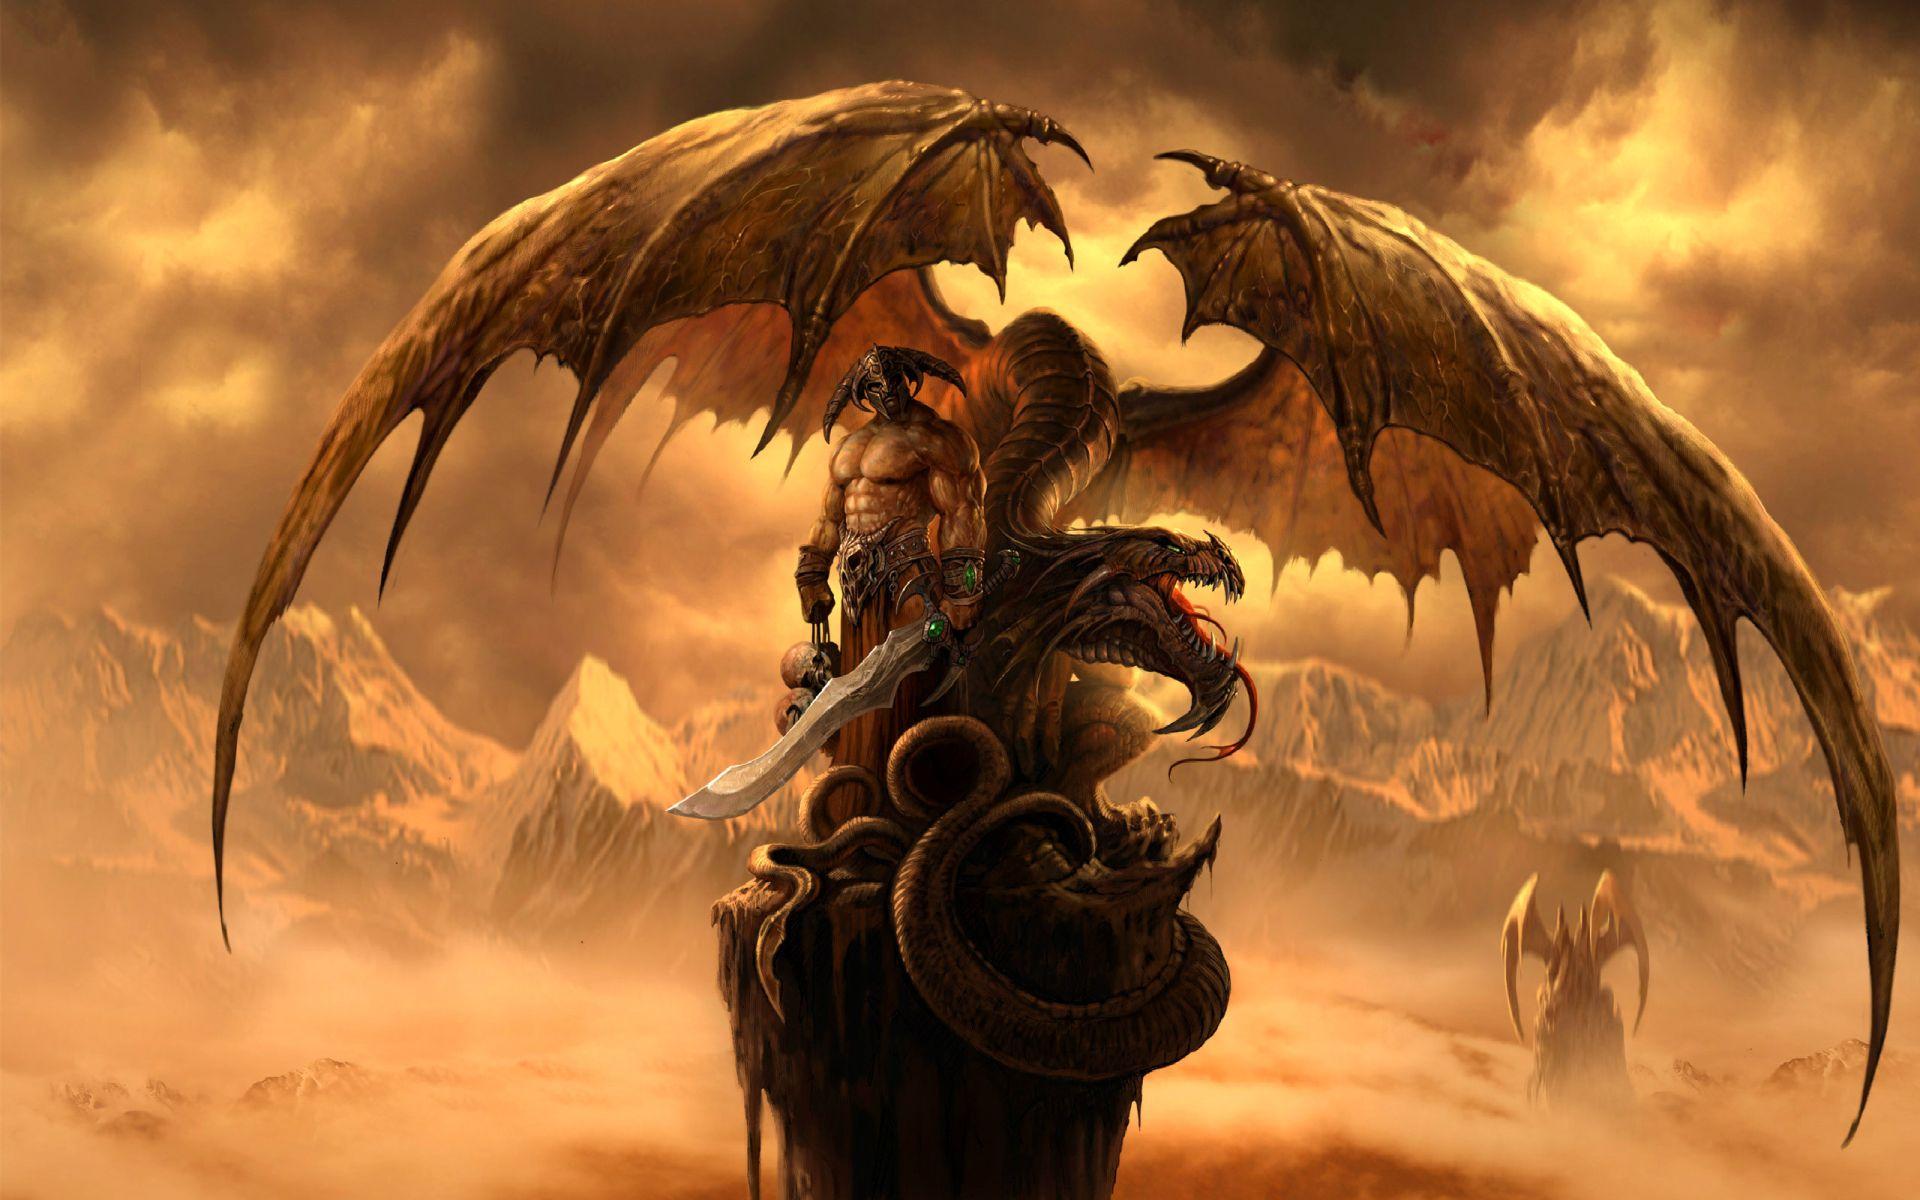 dragon pic hd